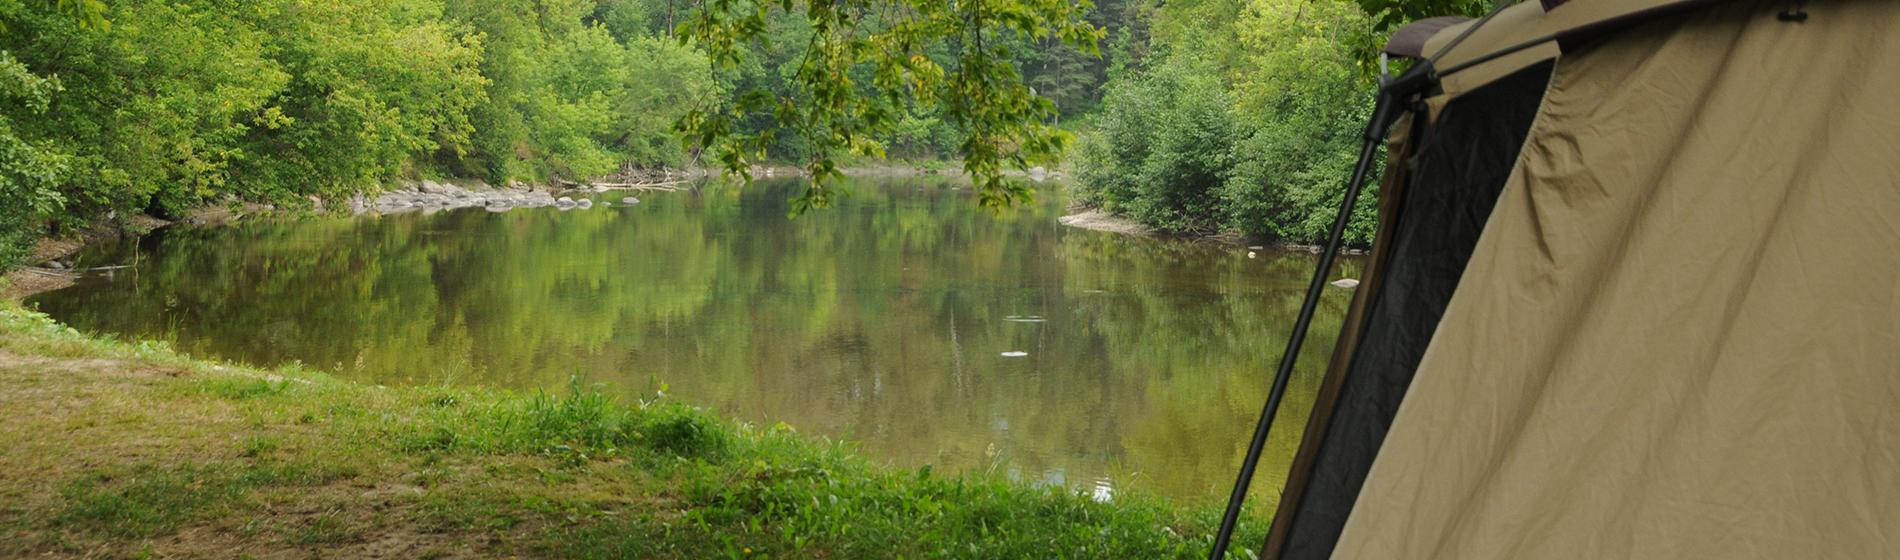 Camping Union - Camping Chute aux Iroquois dans les Laurentides